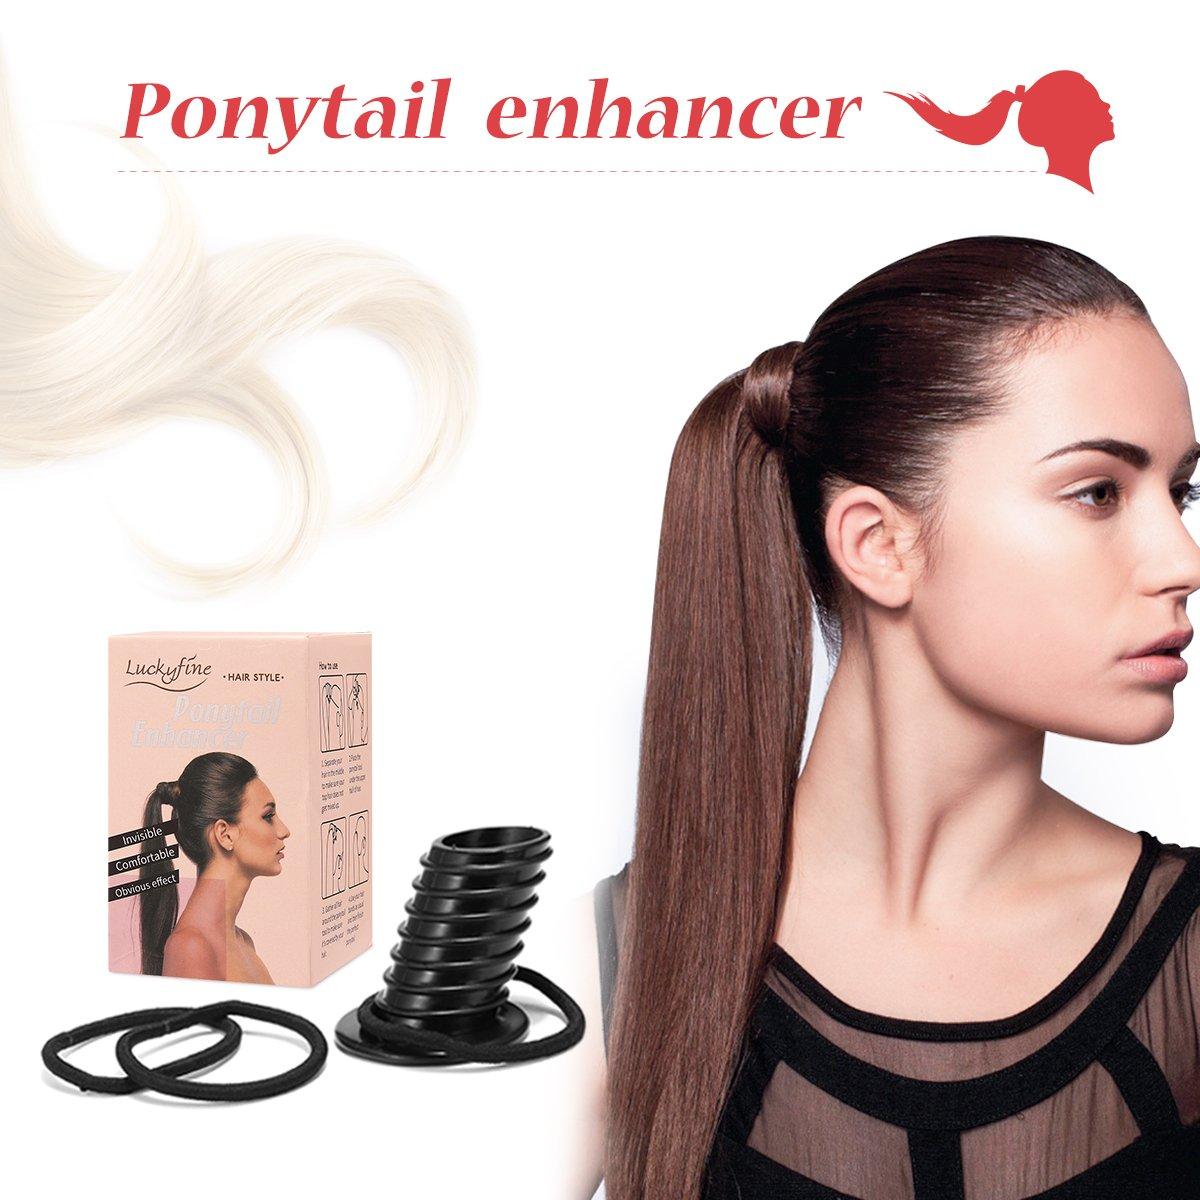 Perfect Pony Volume Lift Outil Luckyfine- Queue de Cheval Pony Bouffant Coiffure -Créer la Parfaite Pony Chignon de Cheveux- Styling Braid Outil de Support en forme de Donut Chignon de Cheveux- pour Tous les Types de Cheveux